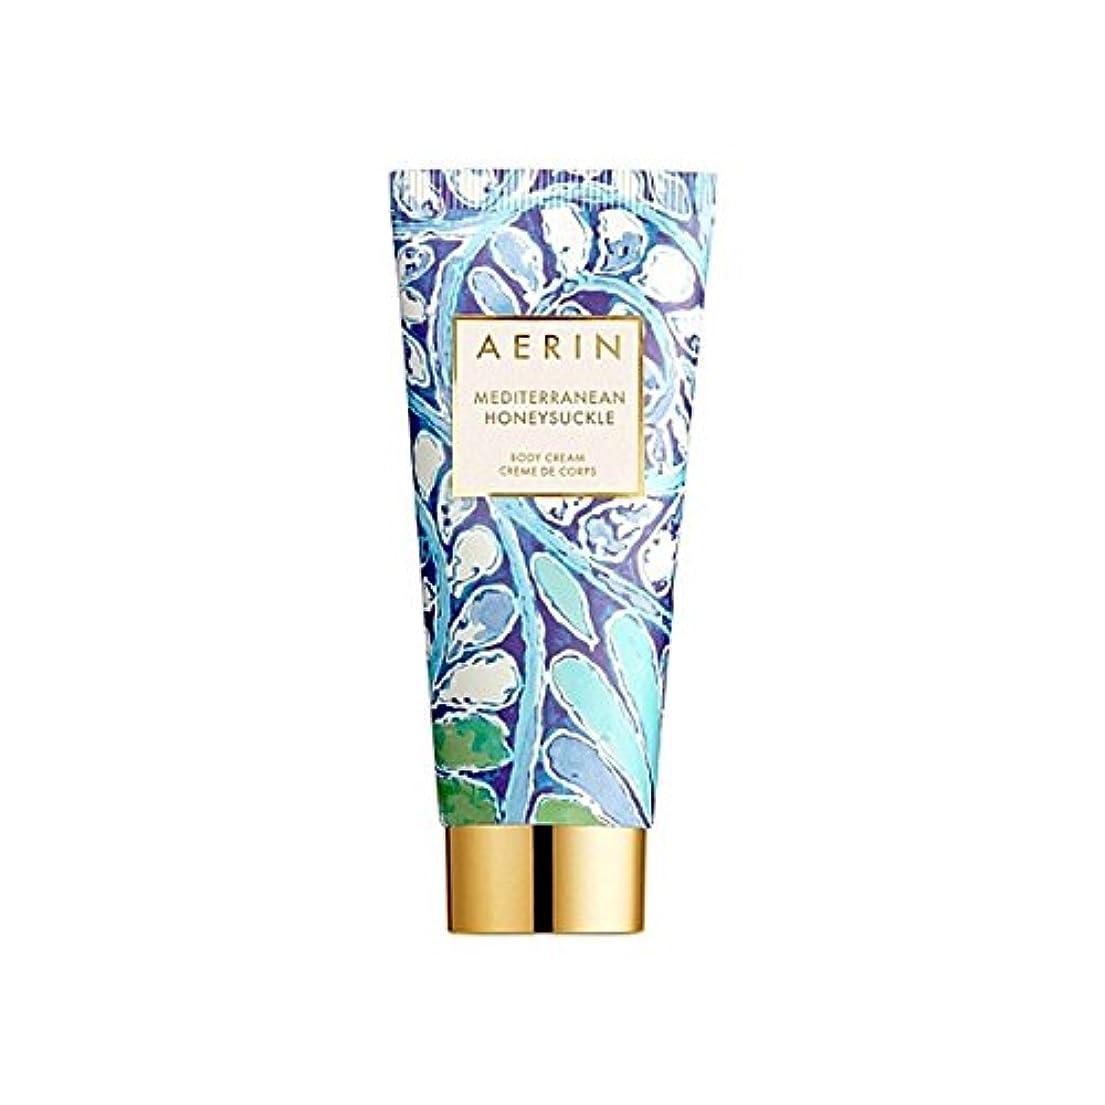 一目浮浪者違法スイカズラボディクリーム150ミリリットル x2 - Aerin Mediterrenean Honeysuckle Body Cream 150ml (Pack of 2) [並行輸入品]